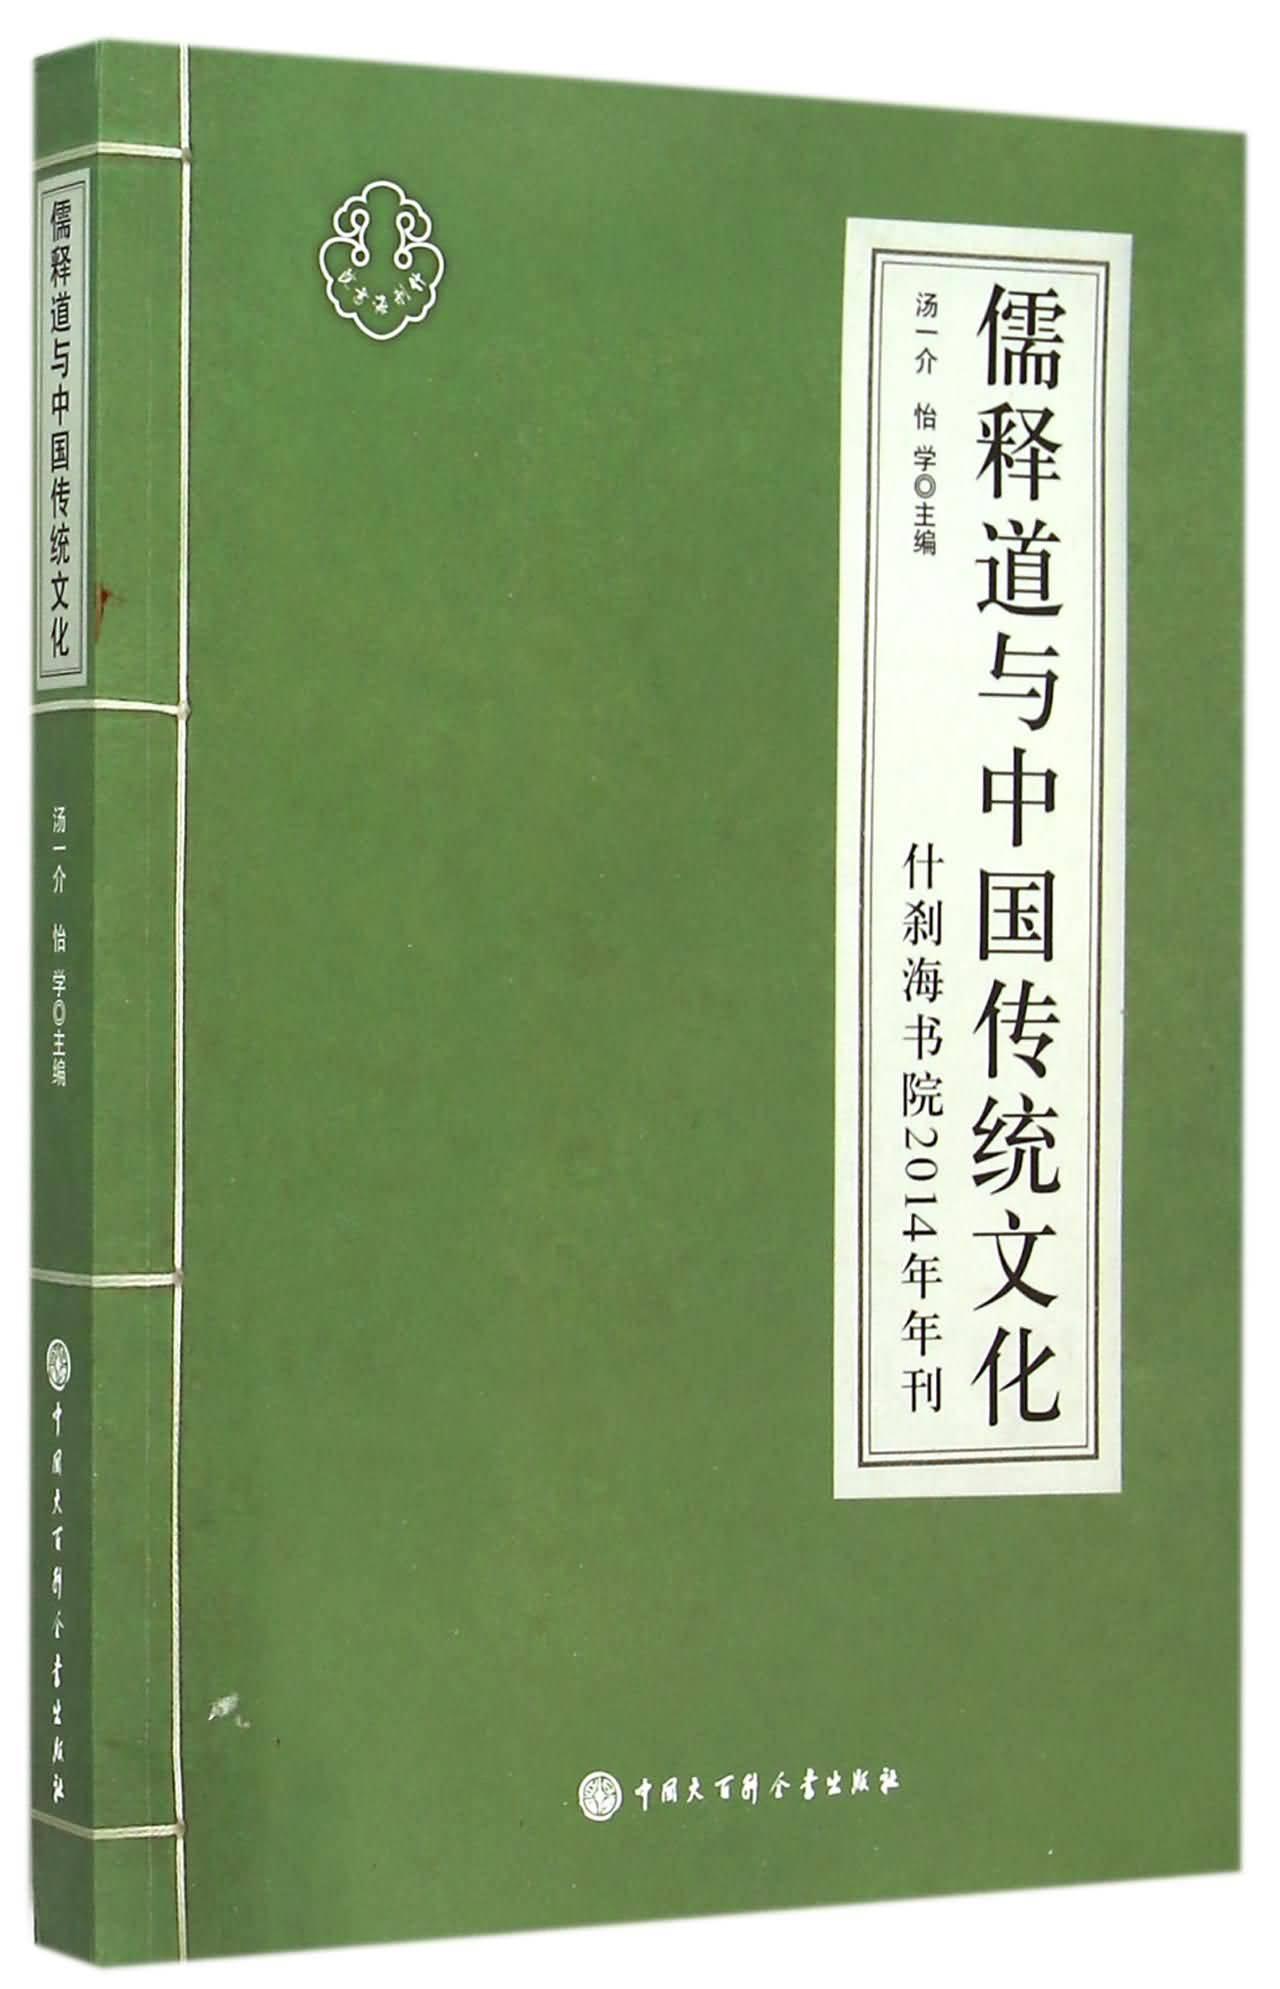 儒释道与中国传统文化(什刹海书院2014年年刊)  汤一介 中国大百科全书出版社 9787500095583